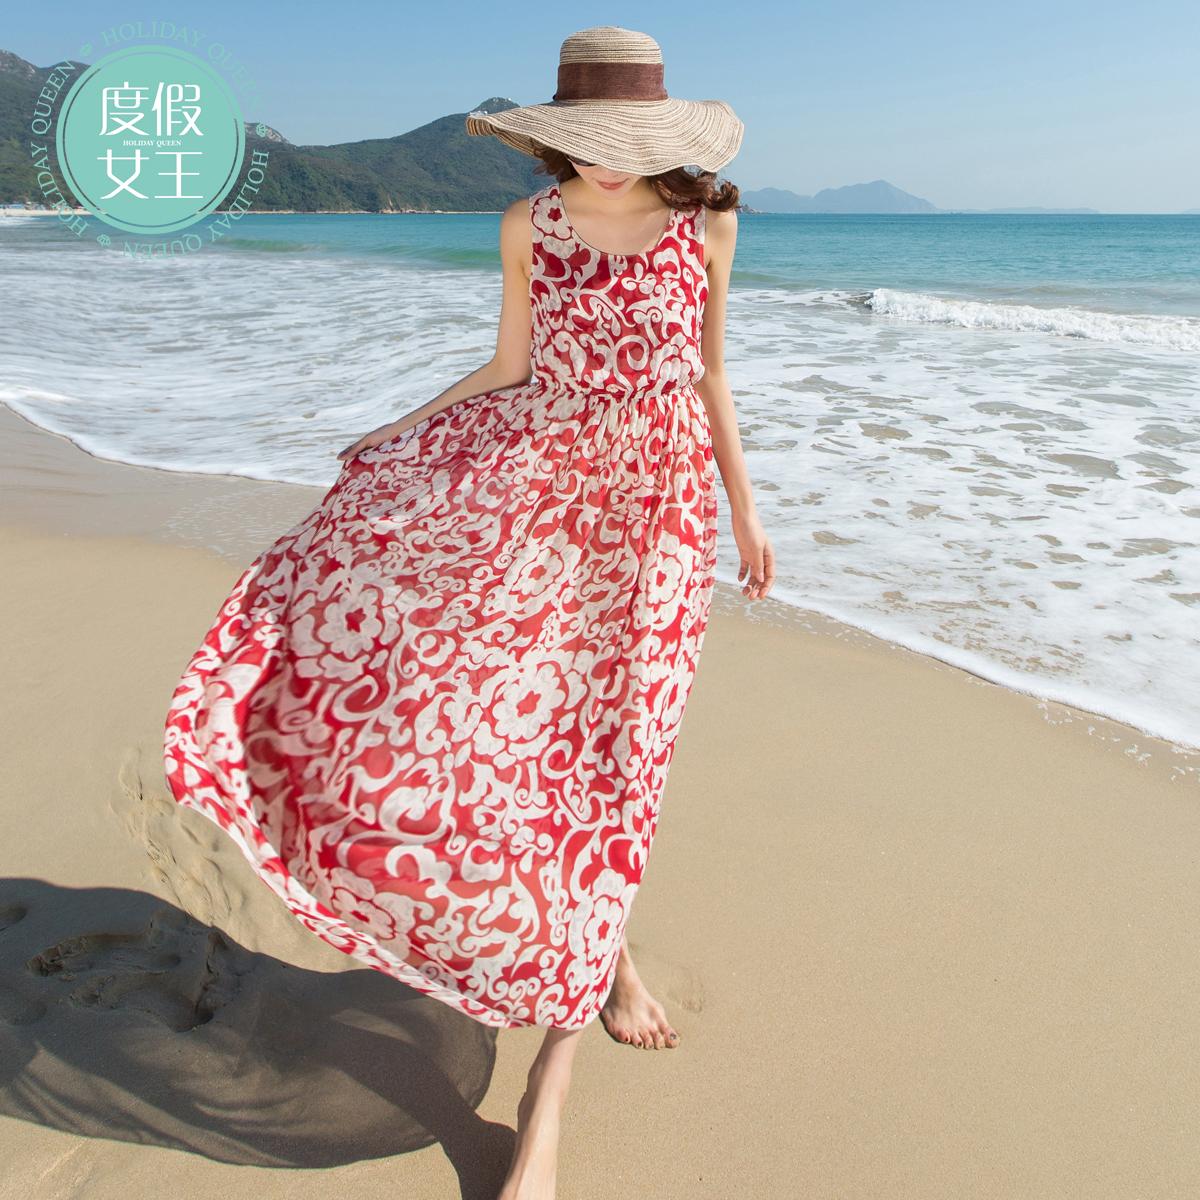 雪纺背心 度假女王波西米亚度假沙滩裙雪纺背心连衣裙波西米亚印花度假长裙_推荐淘宝好看的女雪纺背心